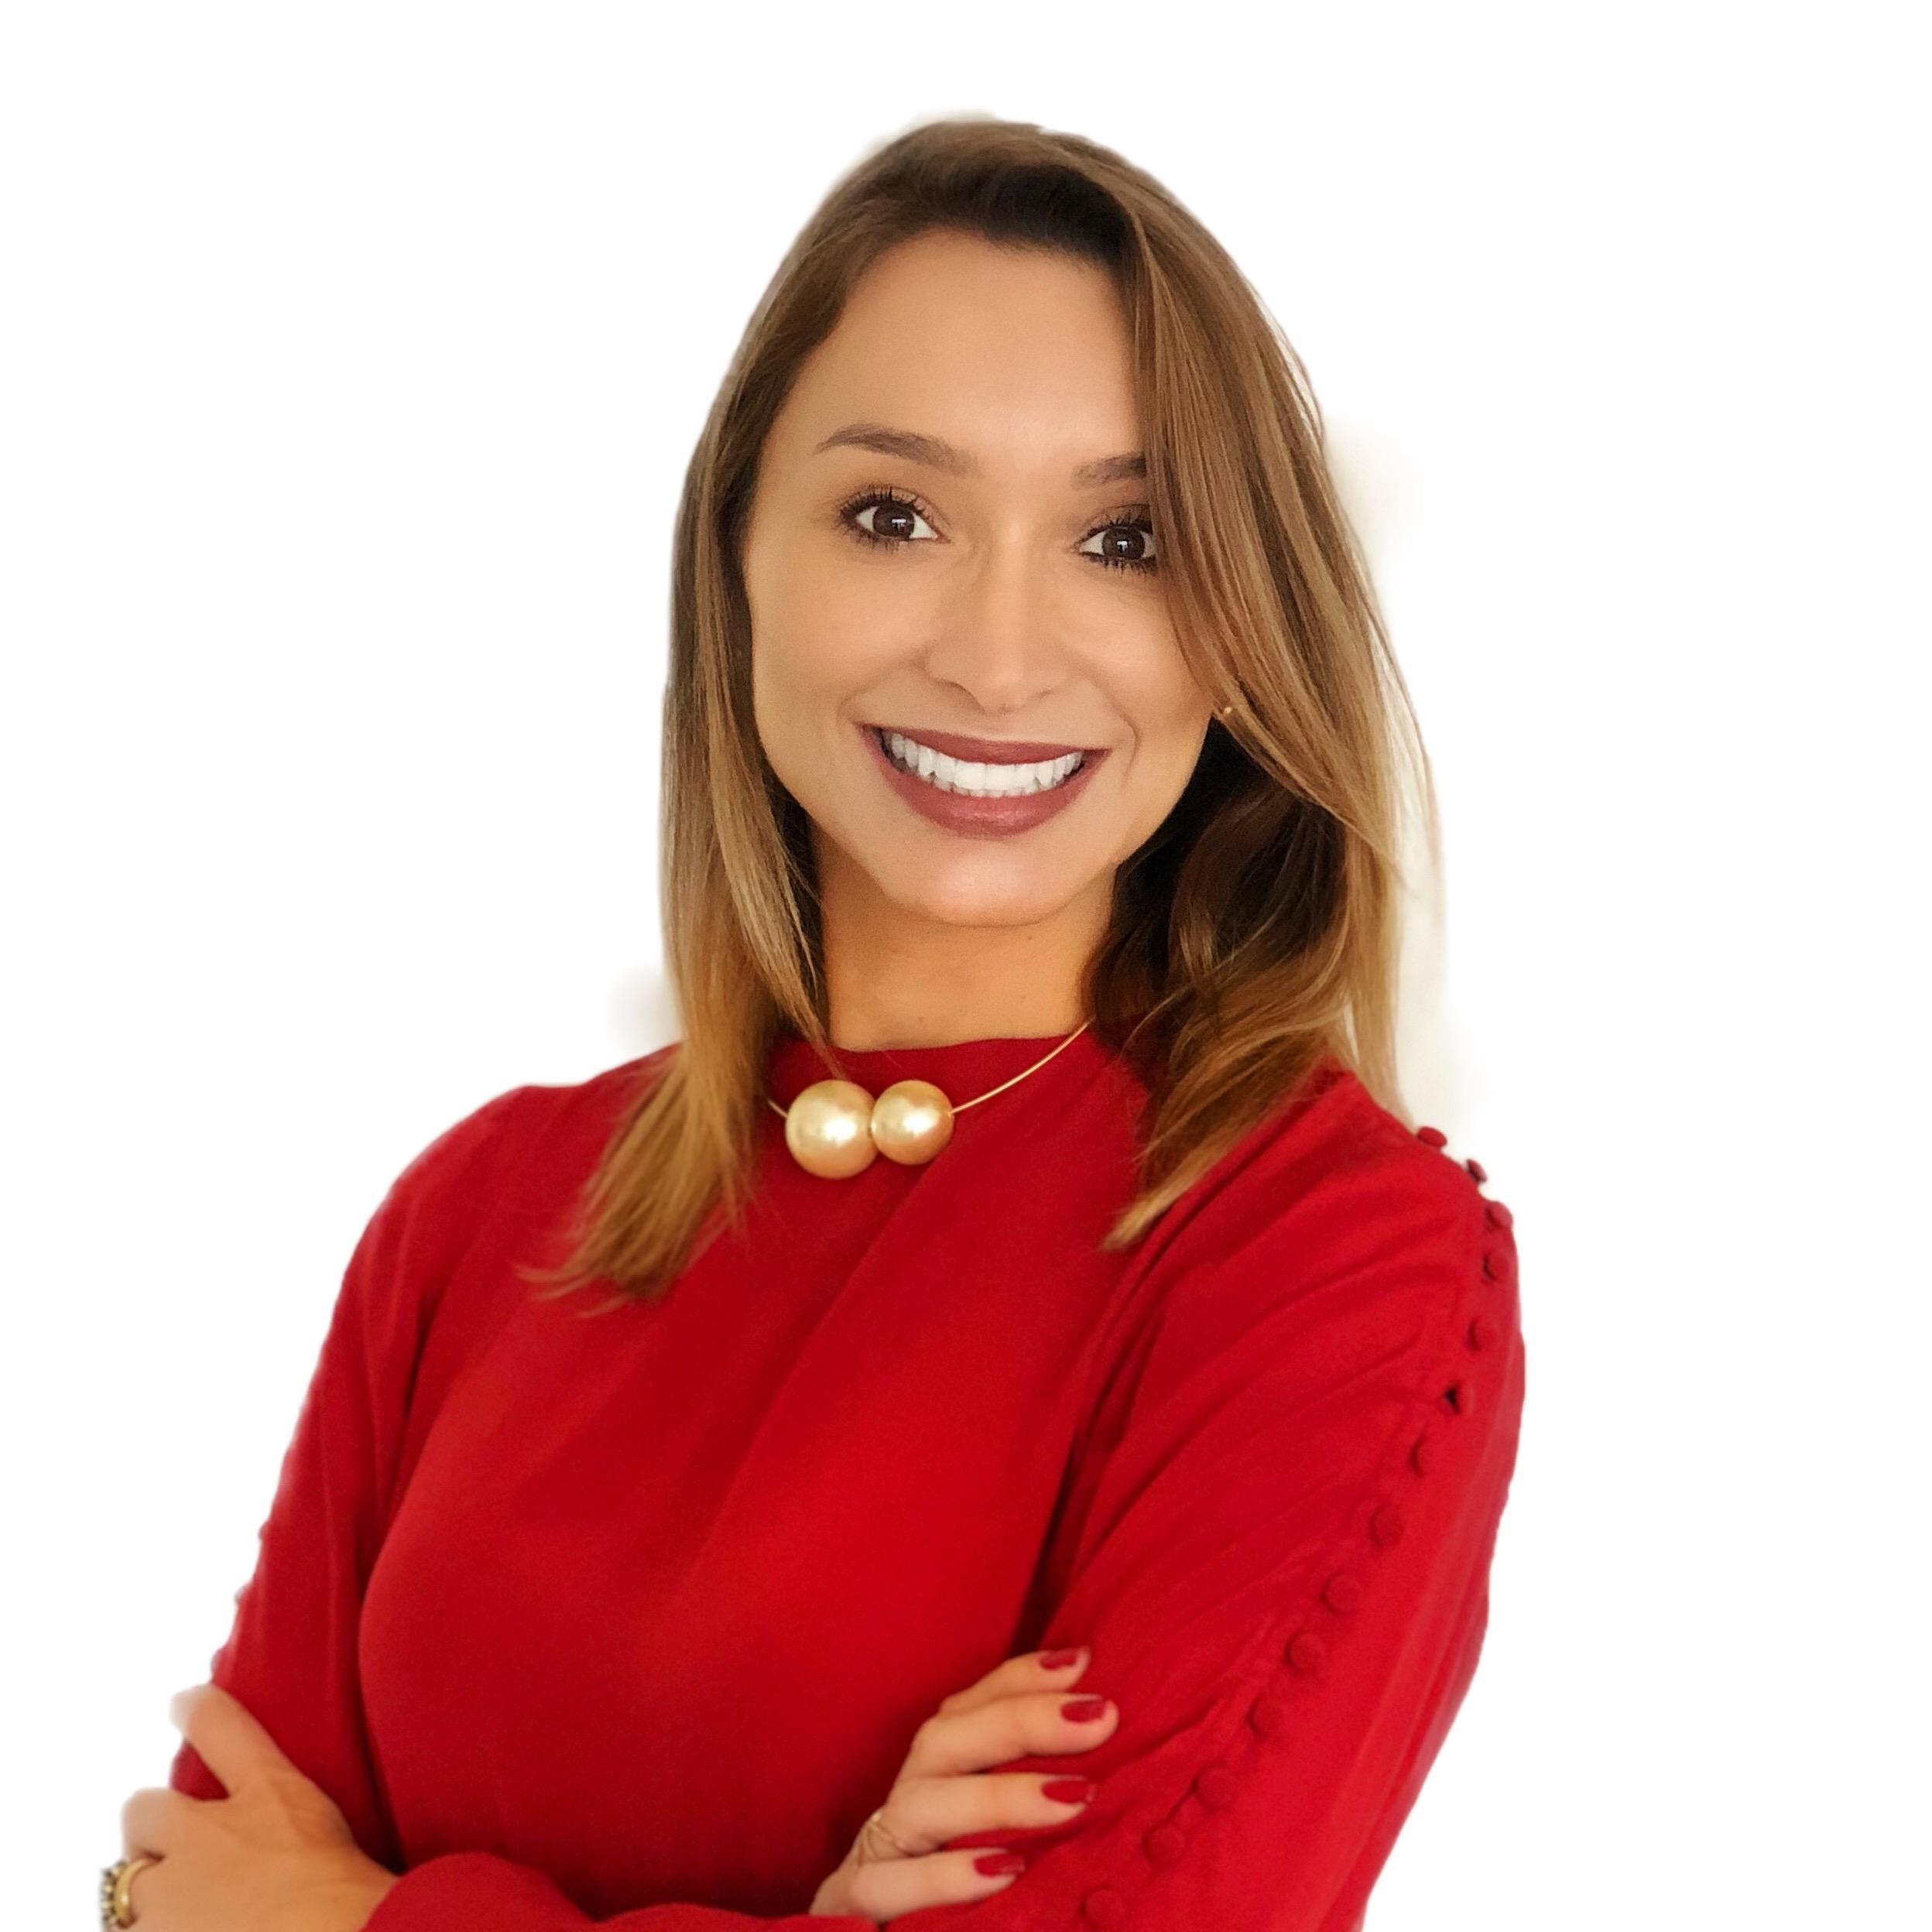 Fernanda Luchsi